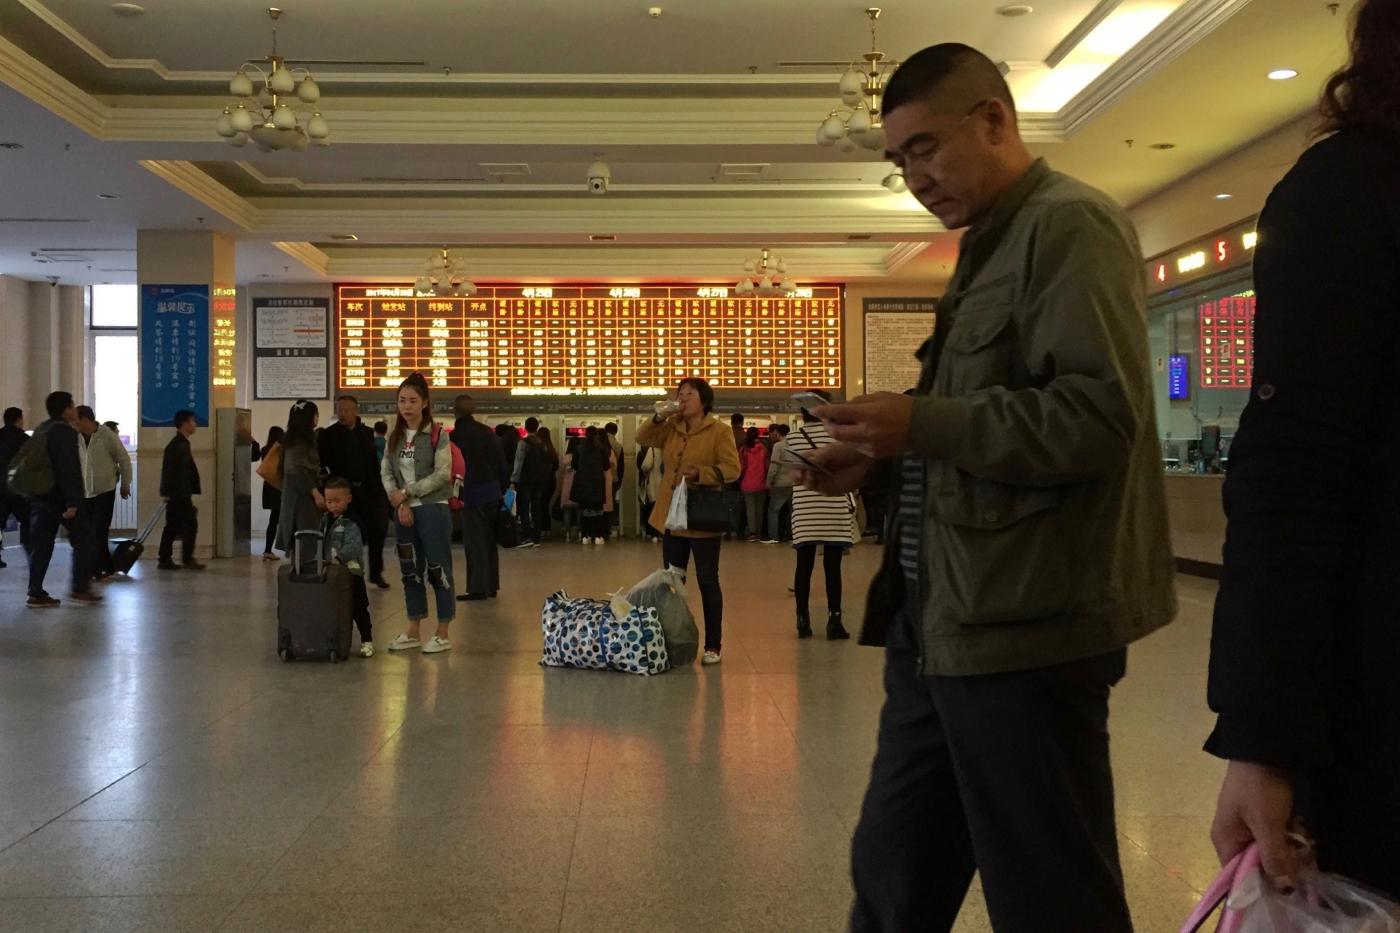 Shenyang railway station – Version 2